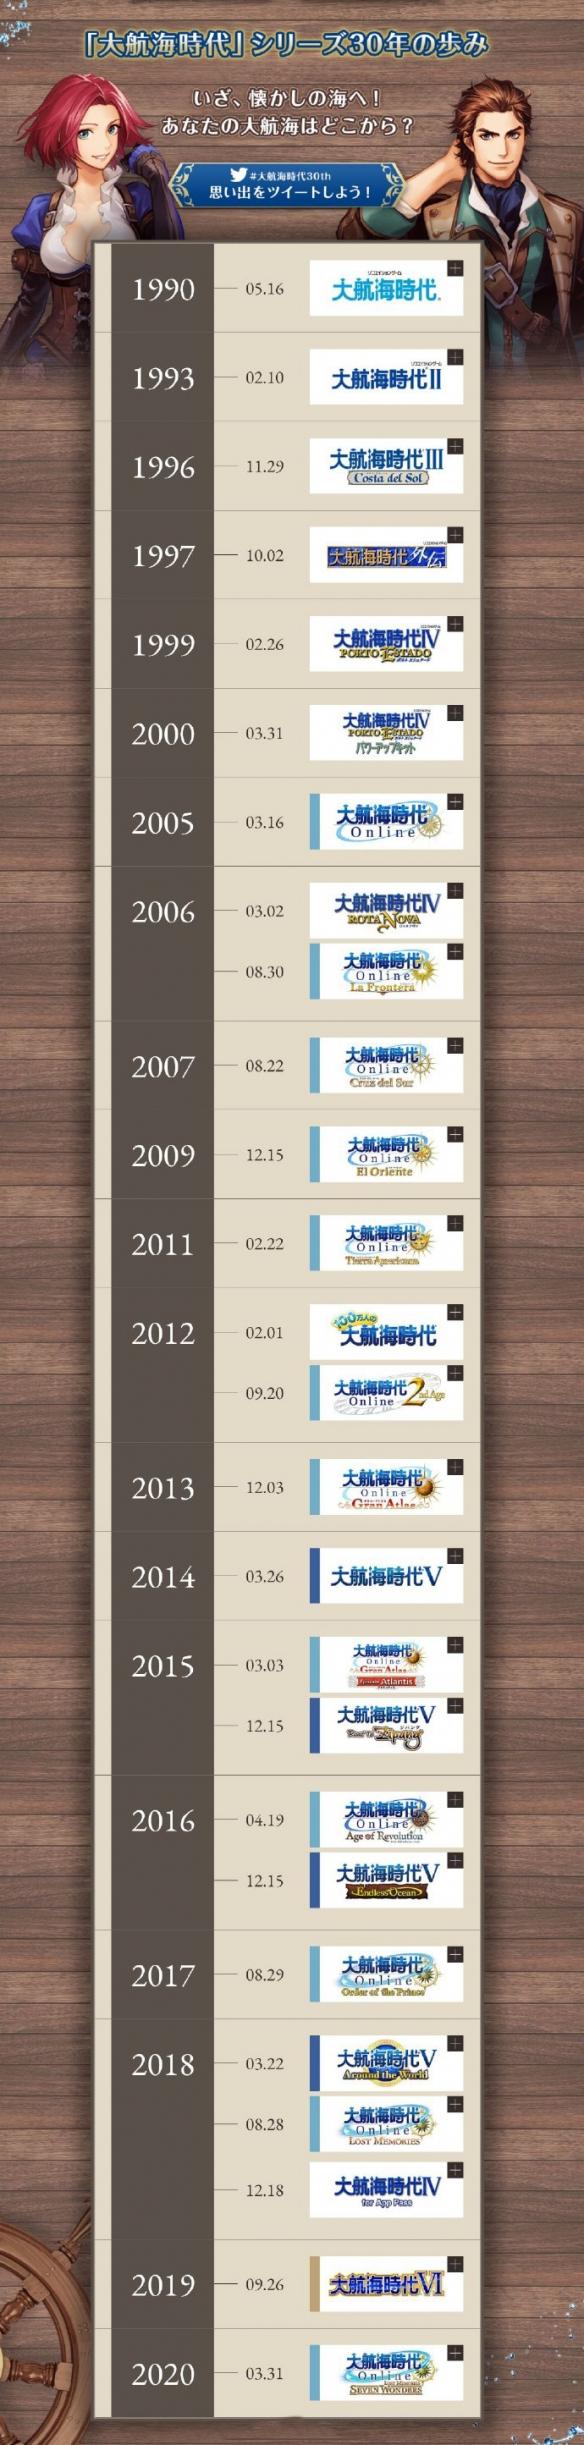 《大航海时代》系列30周年庆 光荣上线专属纪念网站